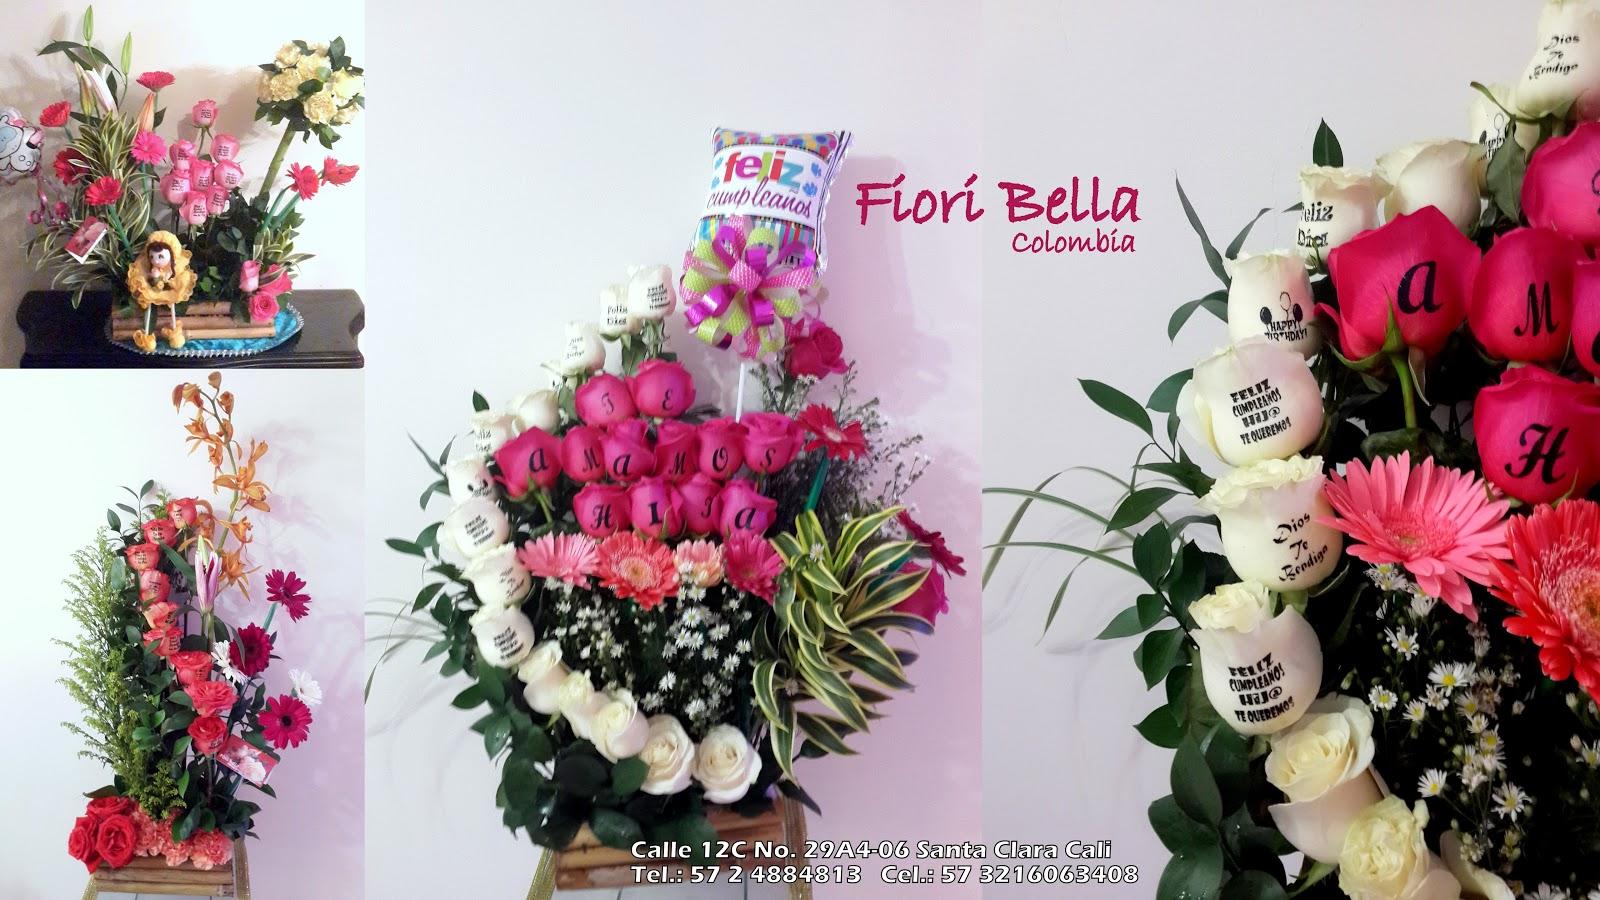 Imagenes De Arreglos Florales De Rosas - arreglos florales paso a paso 100 rosas YouTube